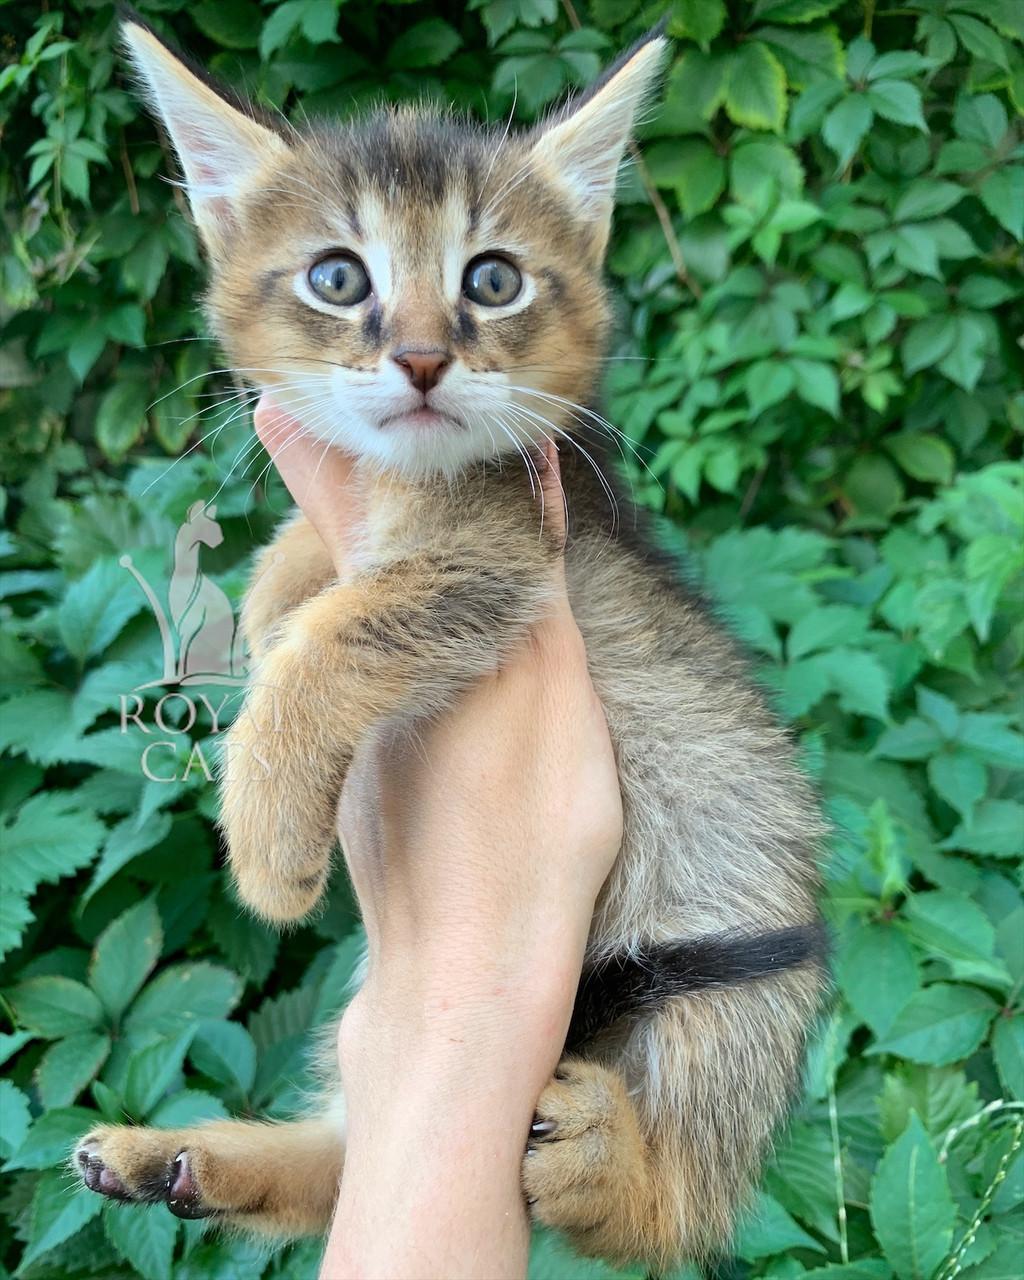 Котёнок Чаузи Ф1 (черный ошейник), рождена 28.05.2020. Питомник Royal Cats. Украина, Киев